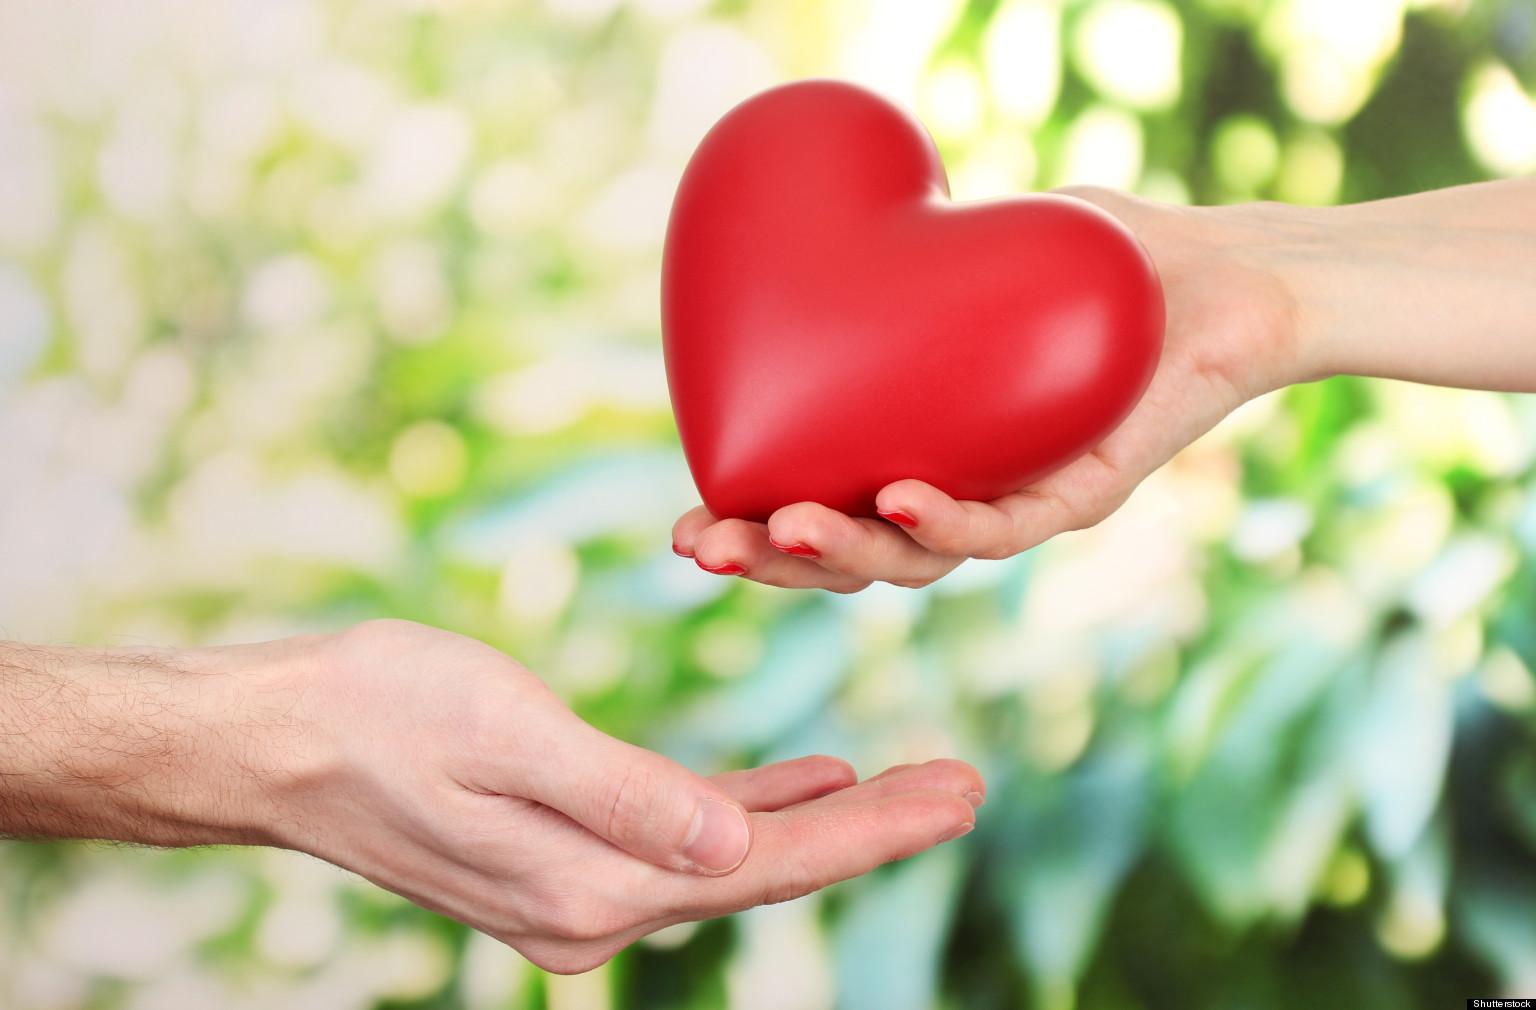 Dar y recibir: Una reflexión sobre cómo expresar los afectos